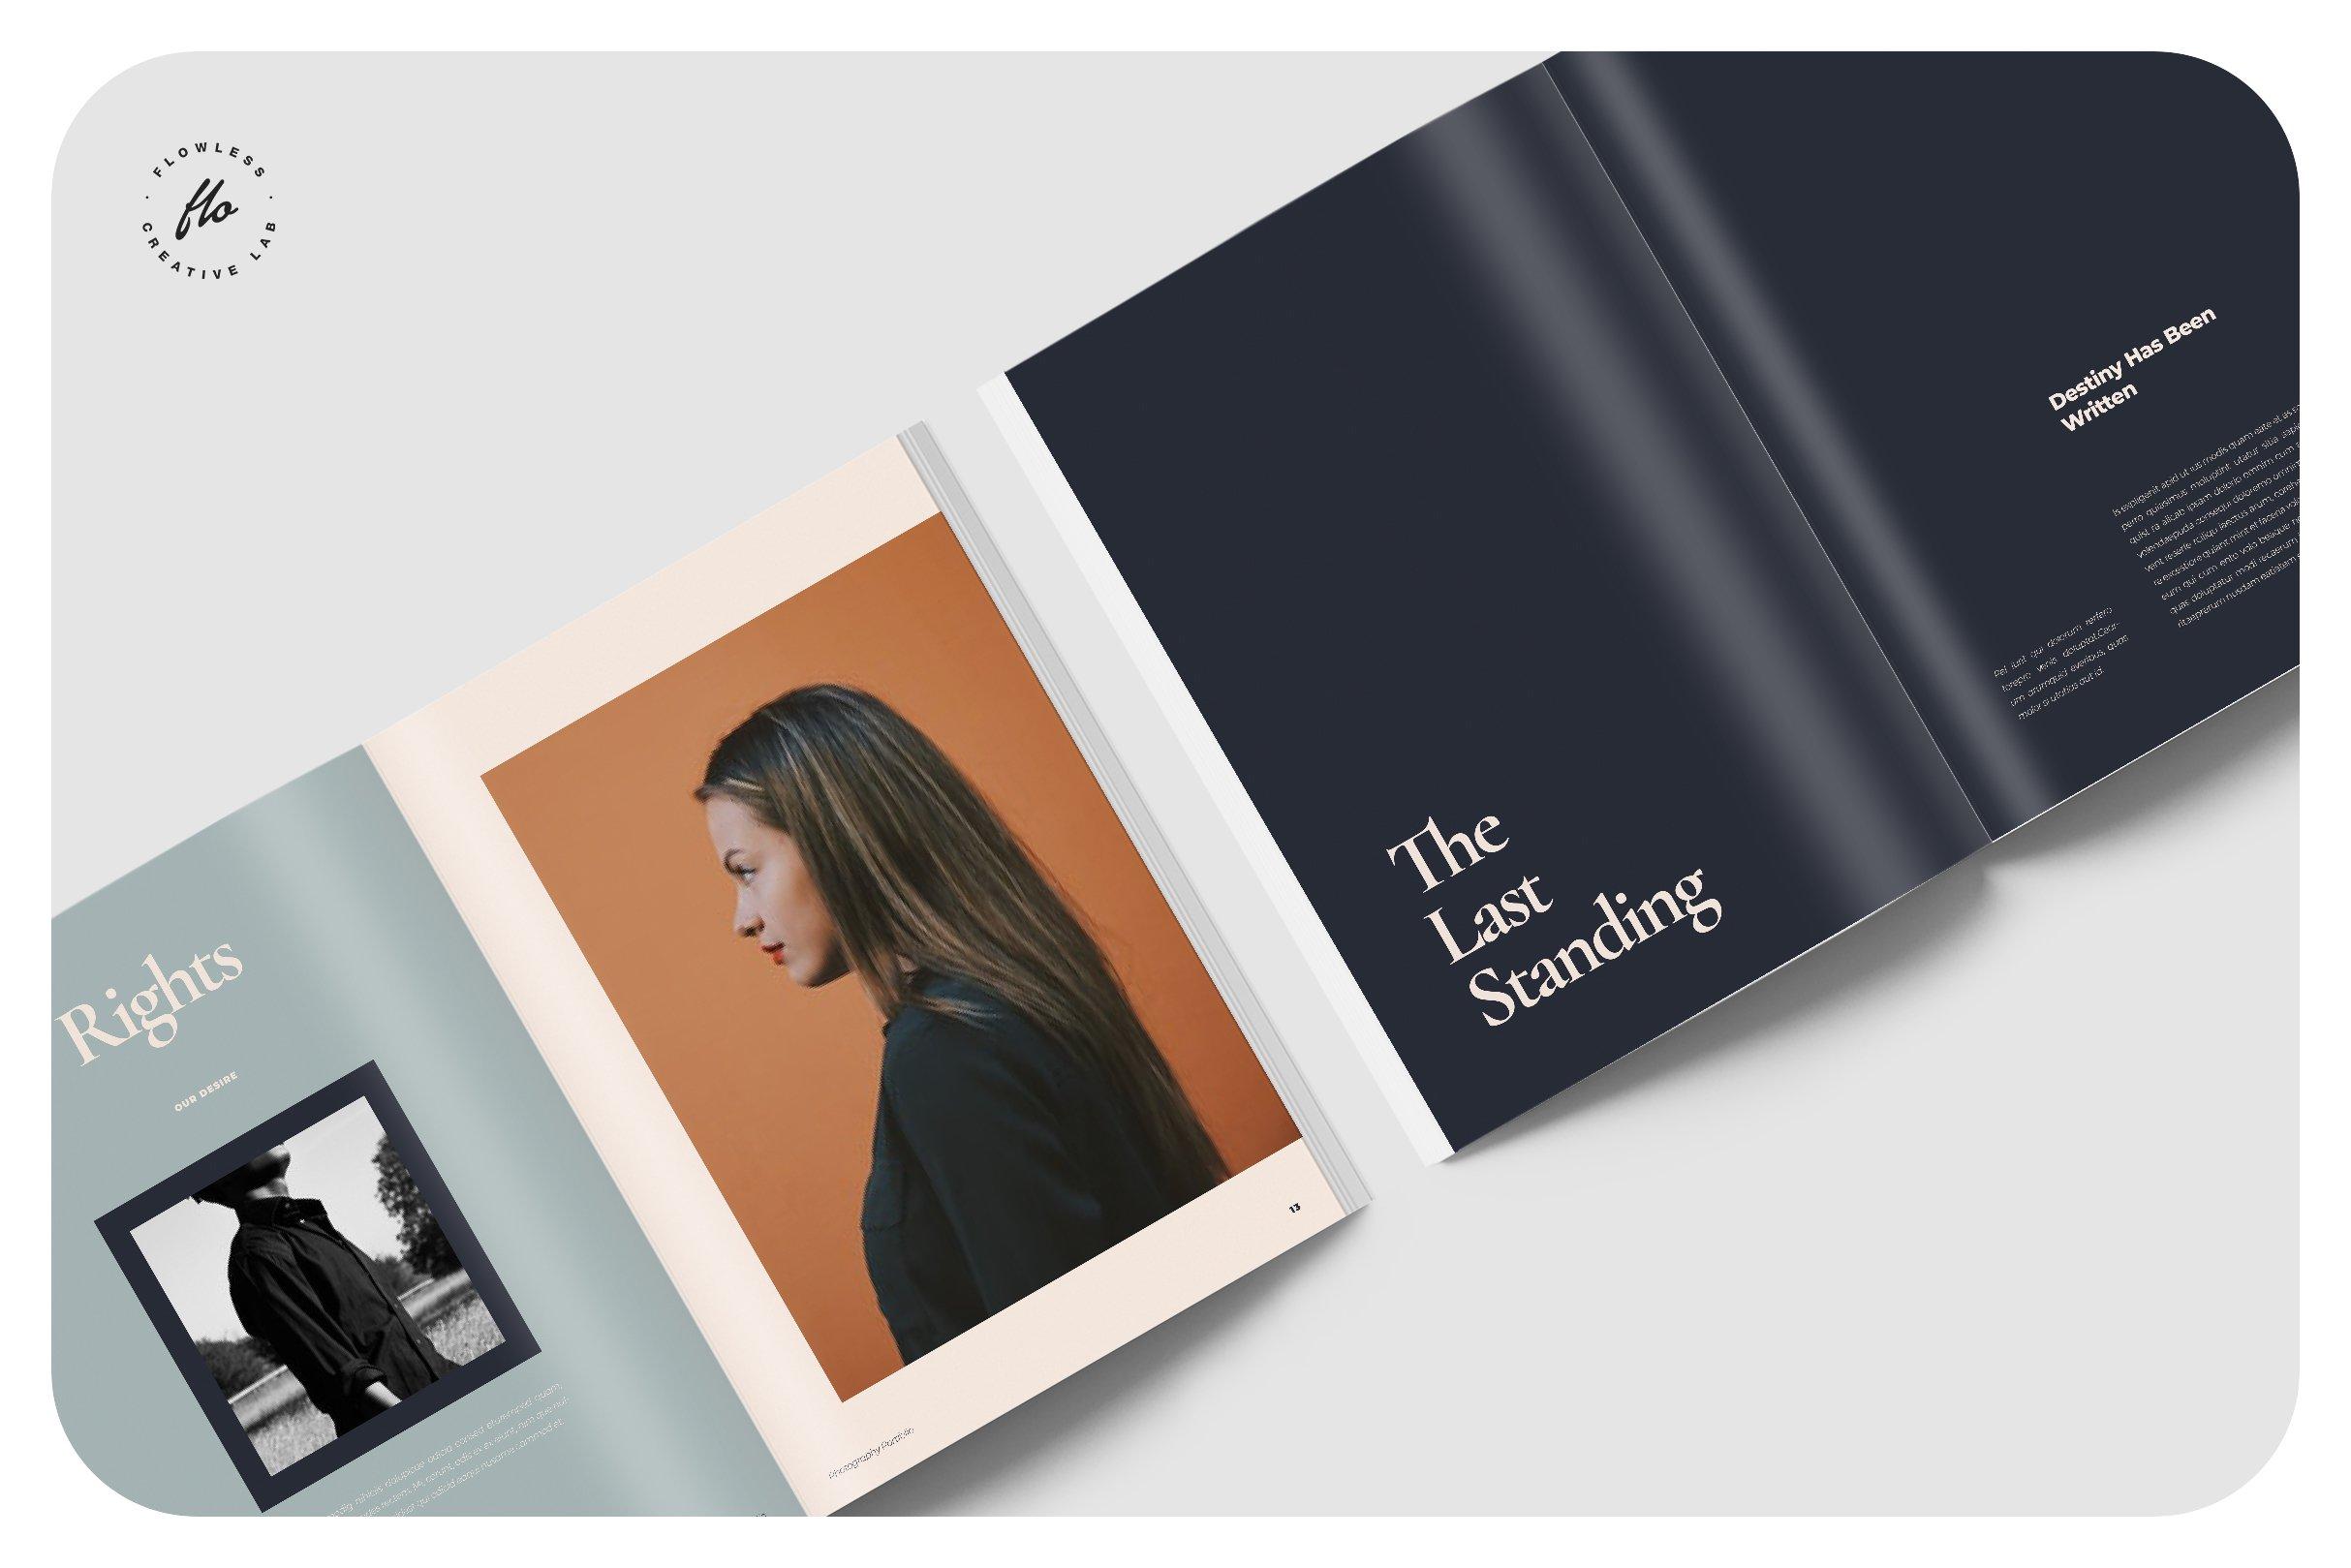 现代优雅摄影作品集图文排版设计INDD画册模板 BALLARD Photography Portfolio插图(2)